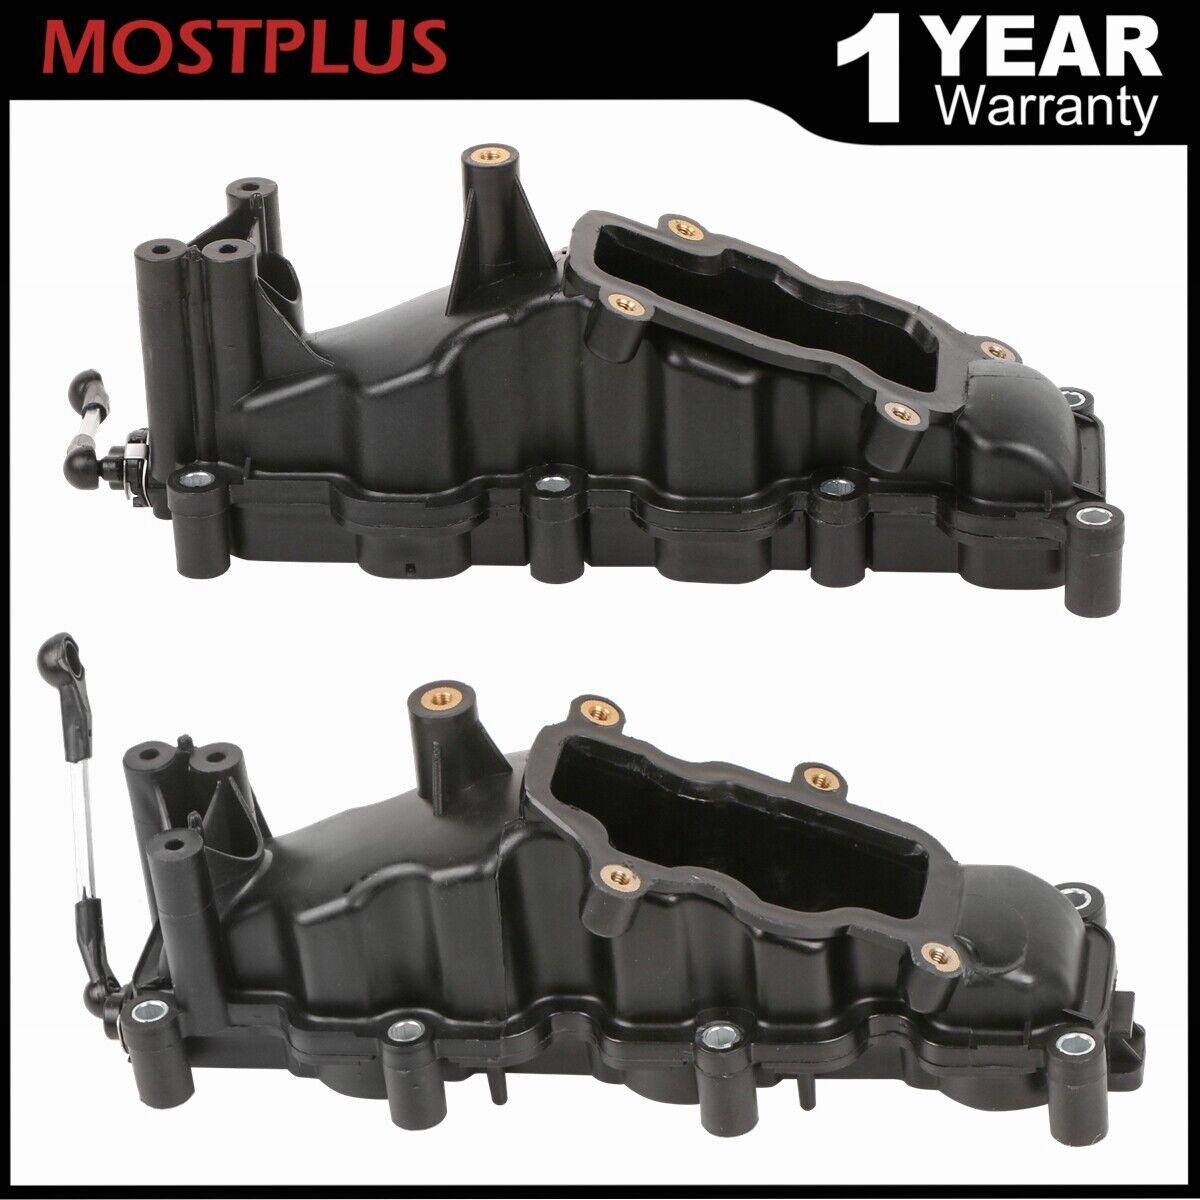 MOSTPLUS 059129711CK Engine Intake Manifold for Audi A4 A6 2.7 3.0 TDI//Phaeton Touareg 3.0 TDI